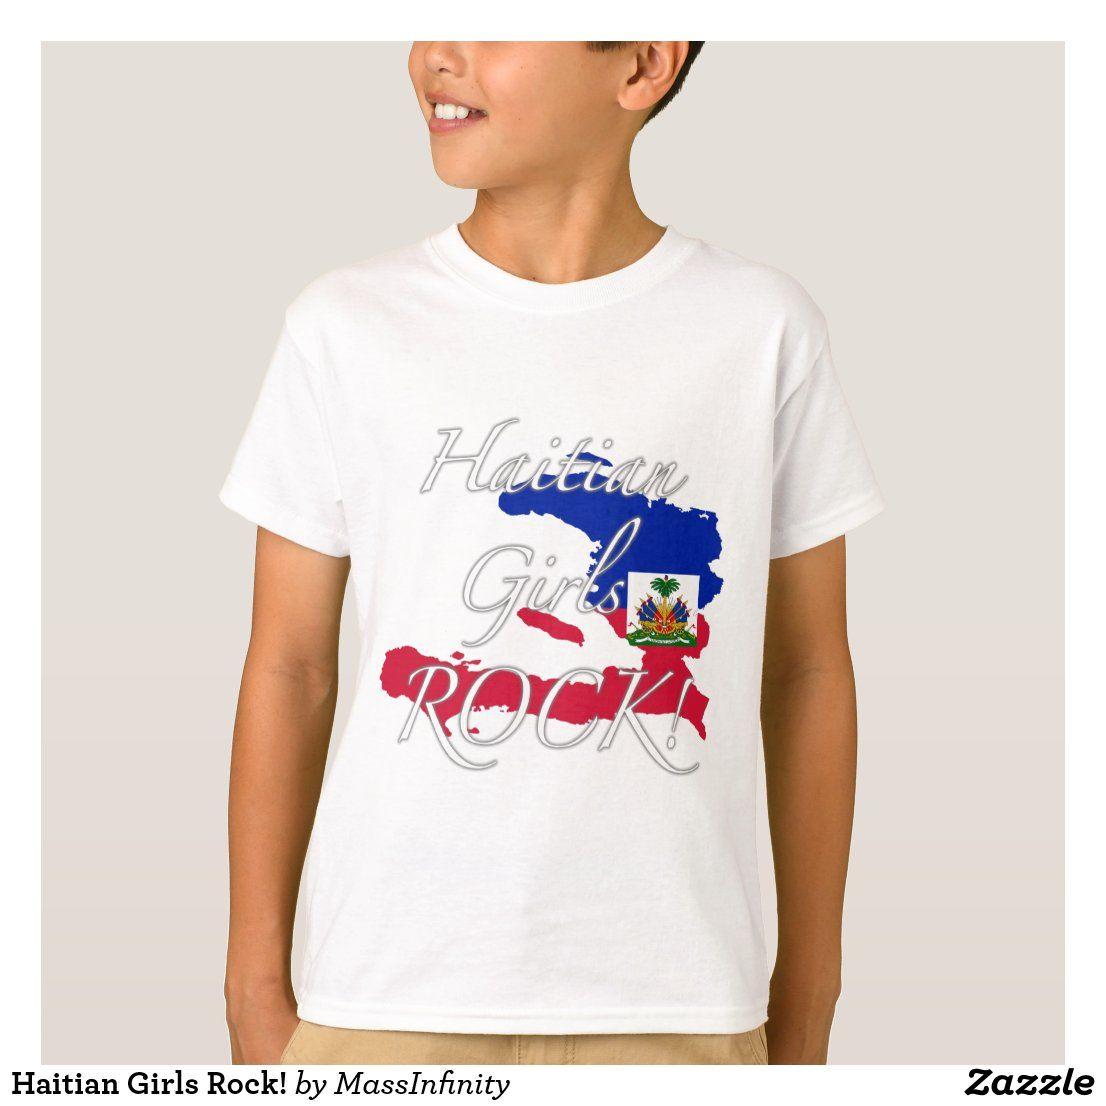 Haitian Girls Rock T Shirt Zazzle Com In 2020 Rock T Shirts Girls Rock Haitian Clothing